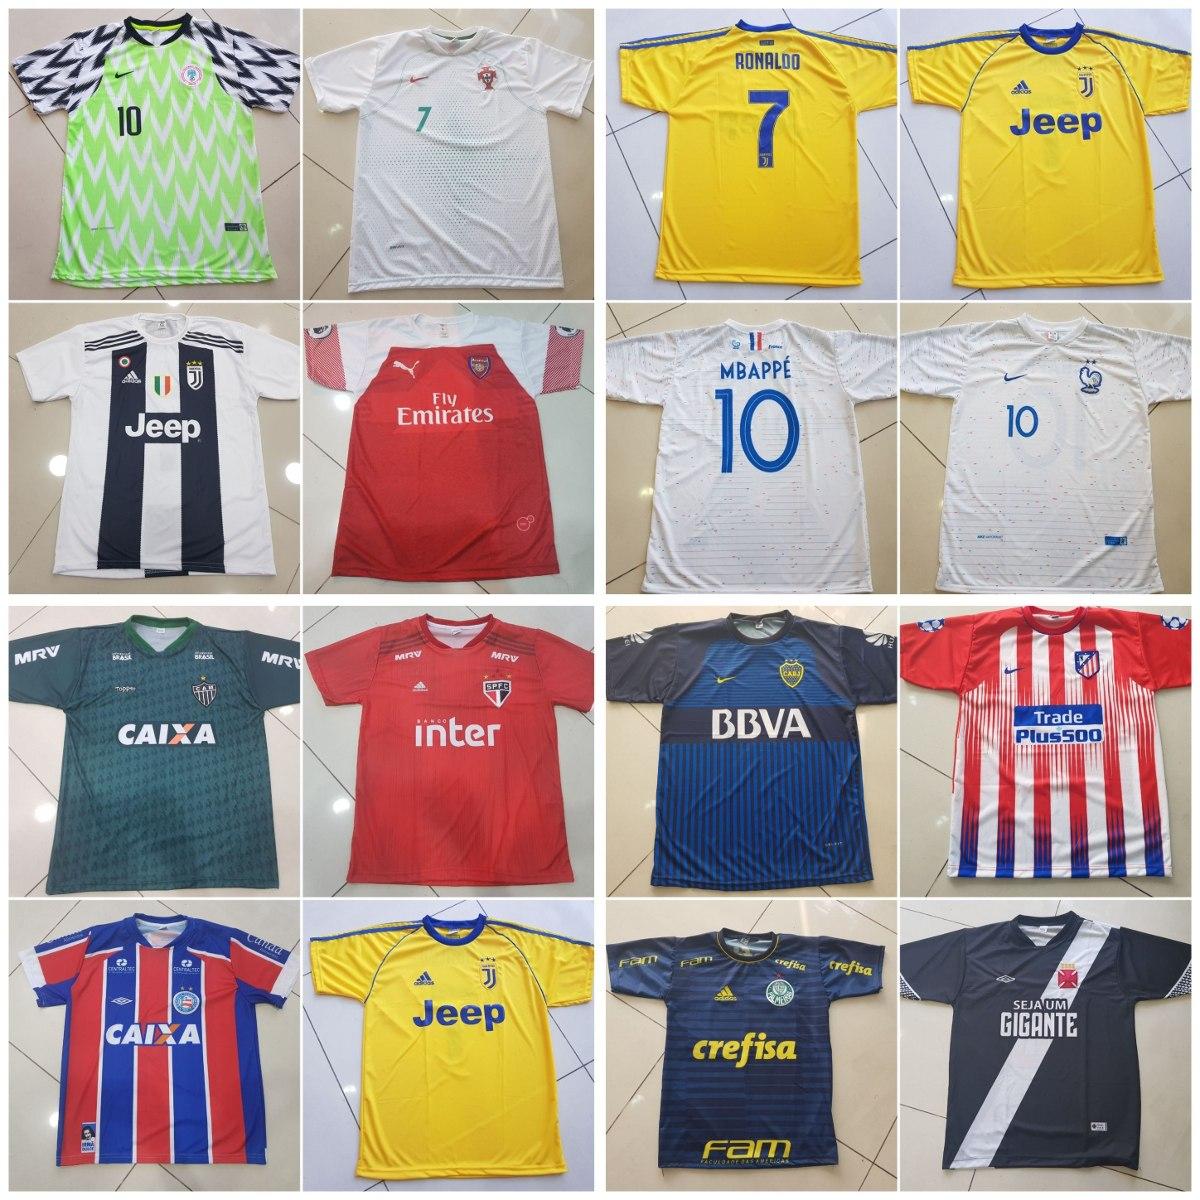 camisetas de times de futebol-kit 10 unidades- p  revenda. Carregando zoom. e847dcfd0e0c9